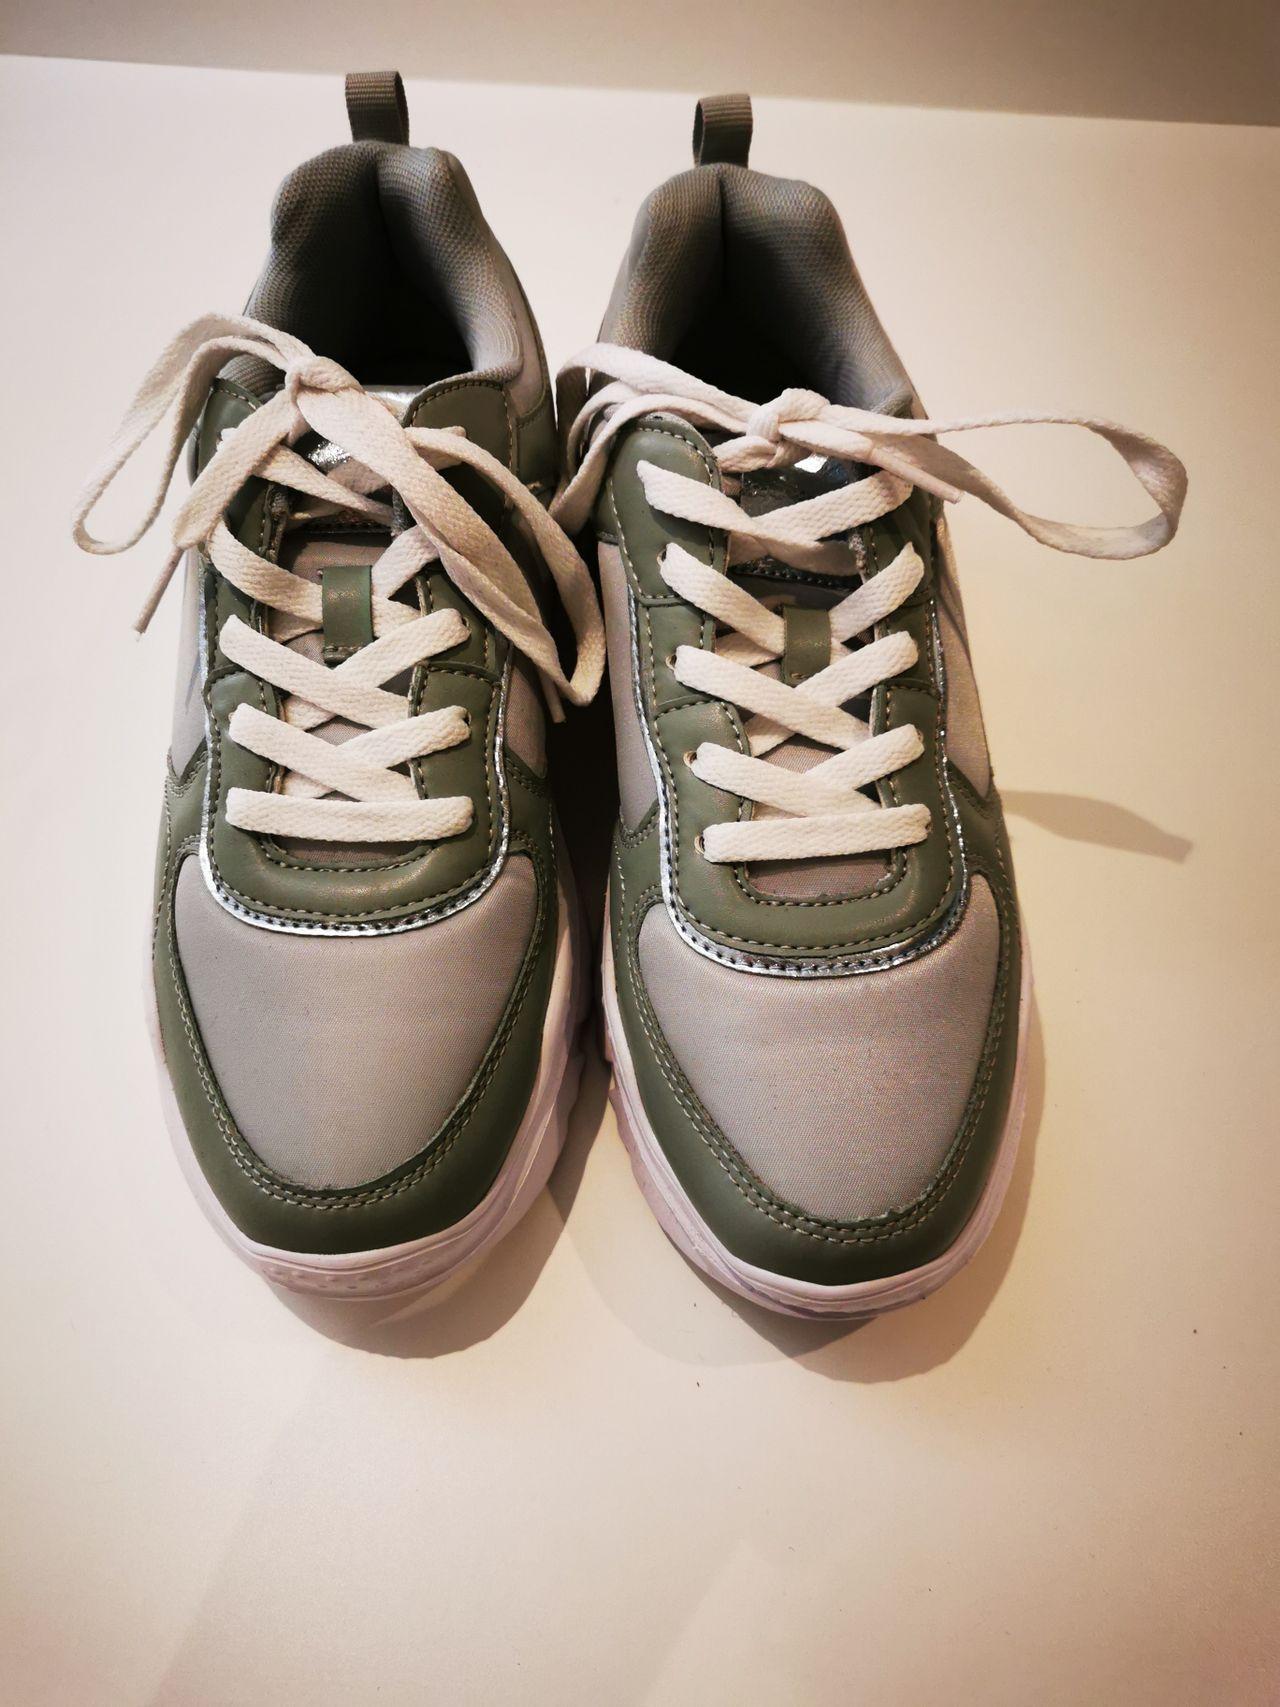 Cult sko str 39.Ubrukt | FINN.no